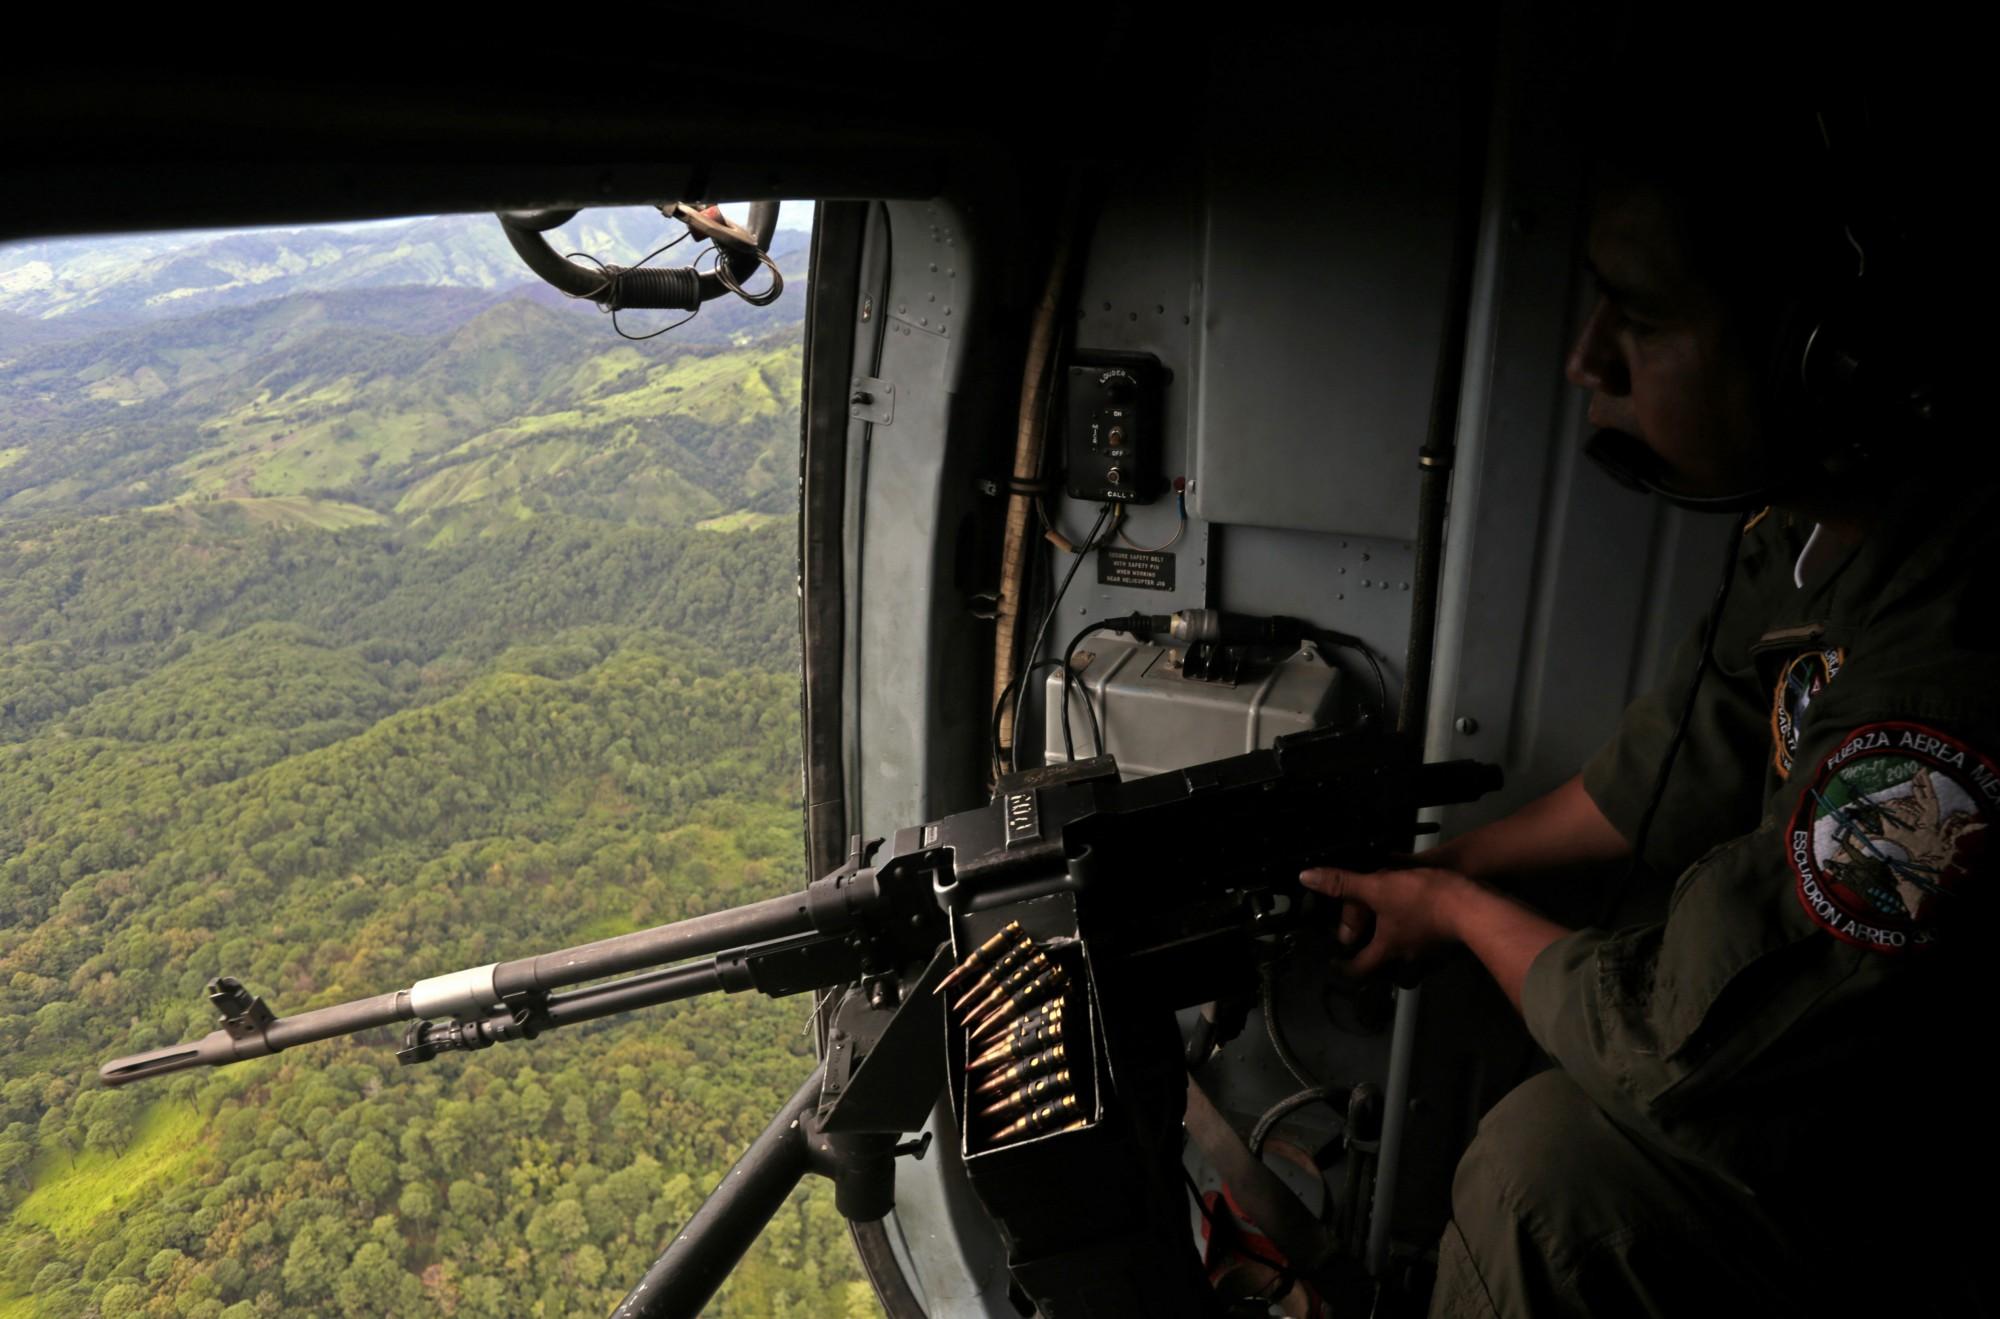 Un helicóptero de la Fuerza Aérea Mexicana vuela sobre cultivos de marihuana en el centro-sur de México en agosto de 2013. (Crédito: Pedro Pardo/AFP/Getty Images)